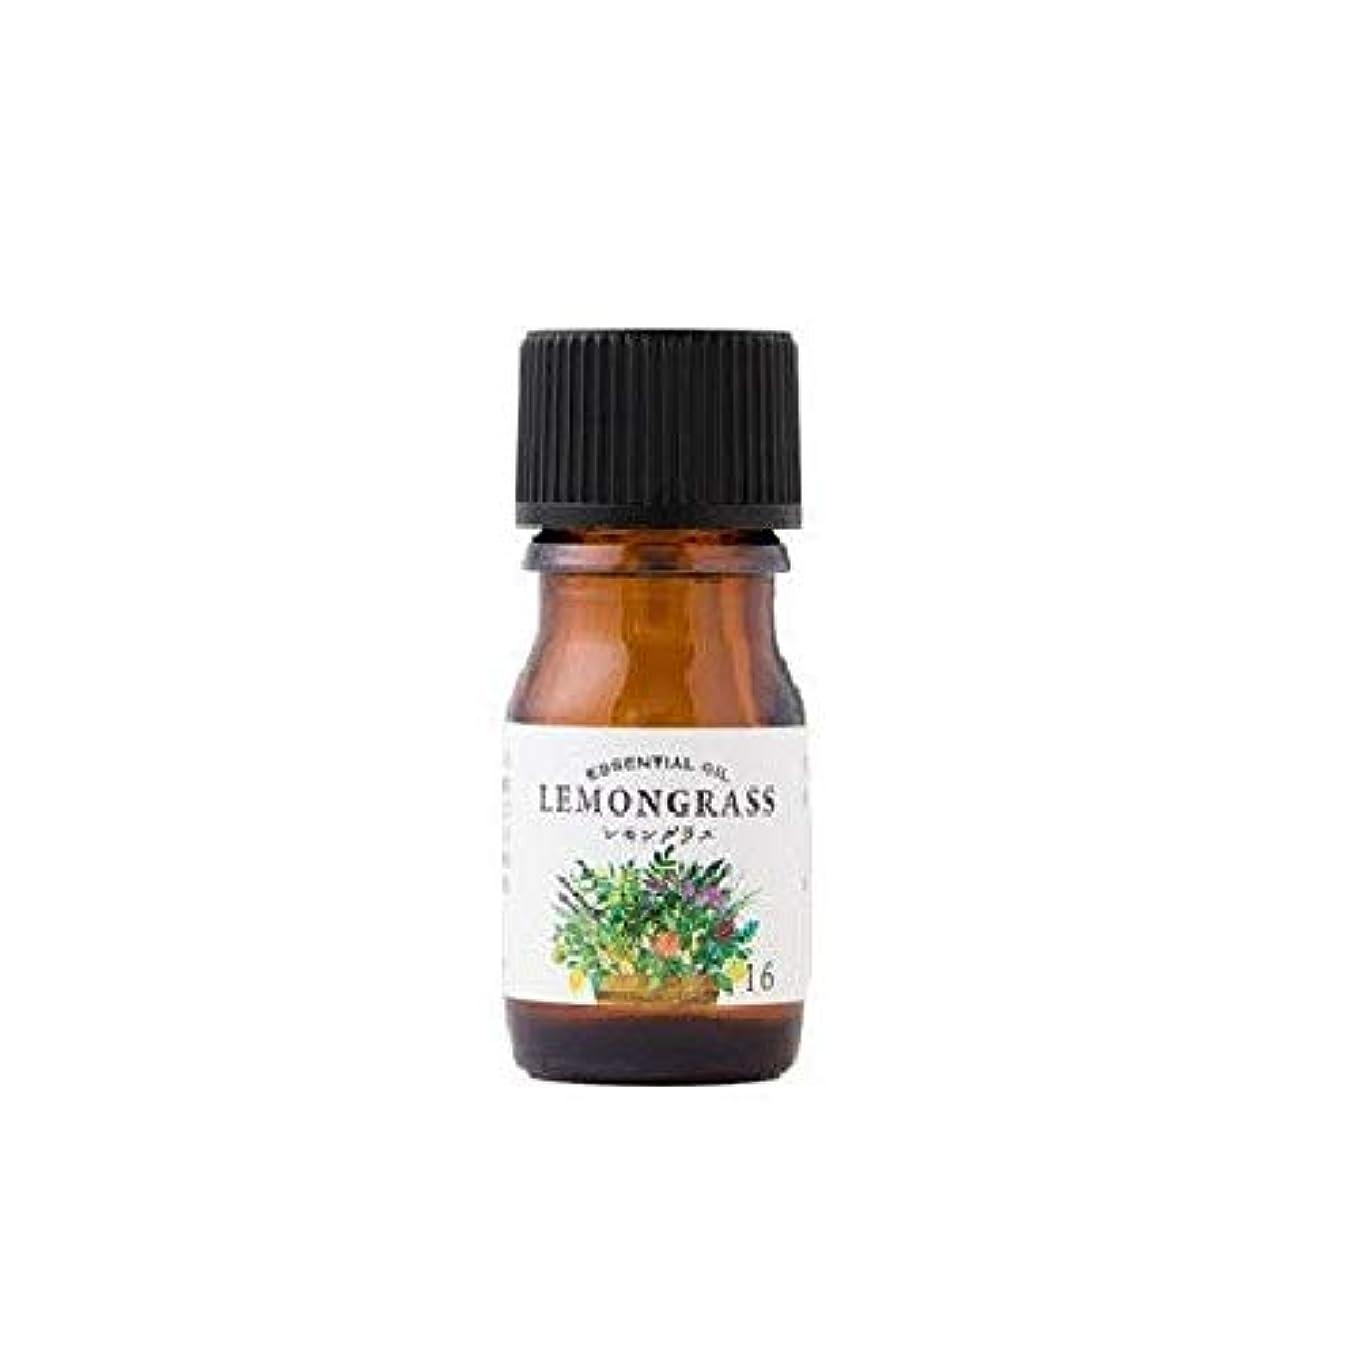 ドリンクミュートブーム生活の木 エッセンシャルオイル レモングラス 5ml 08-020-1160